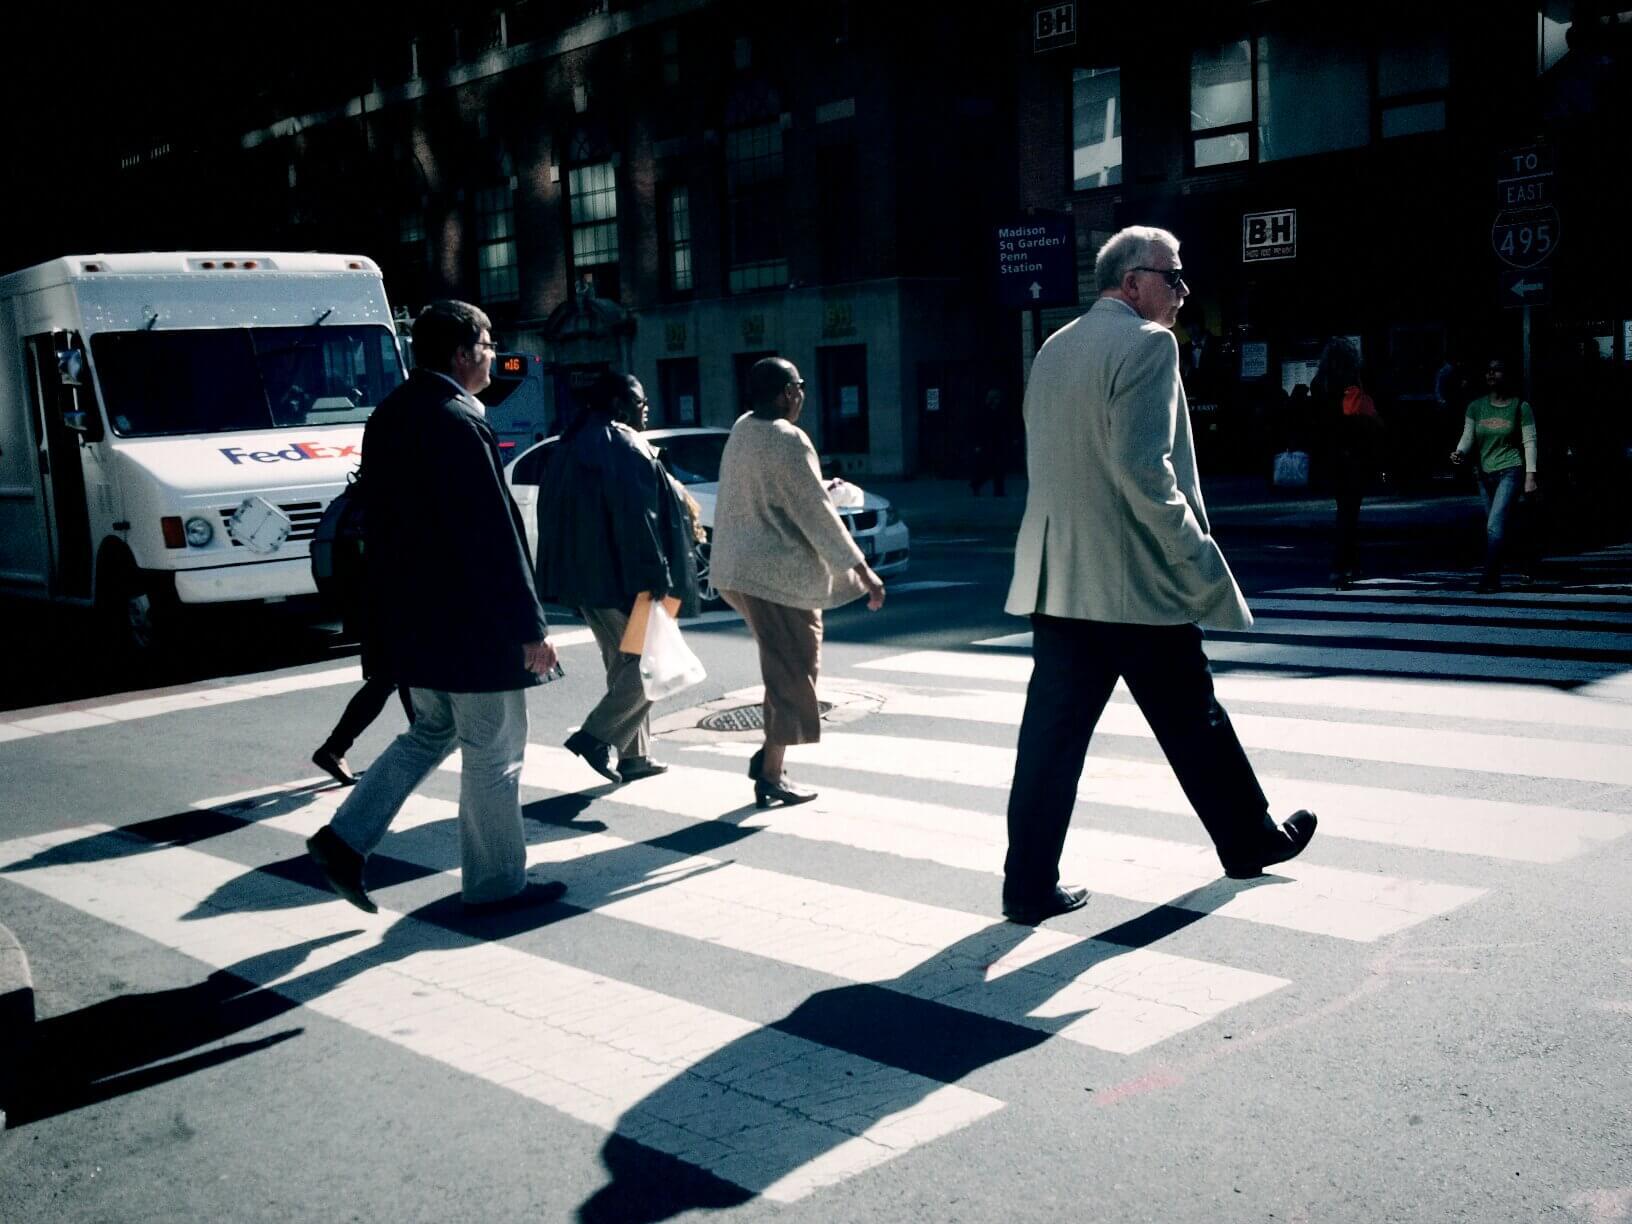 People crossing crosswalk in Manhattan